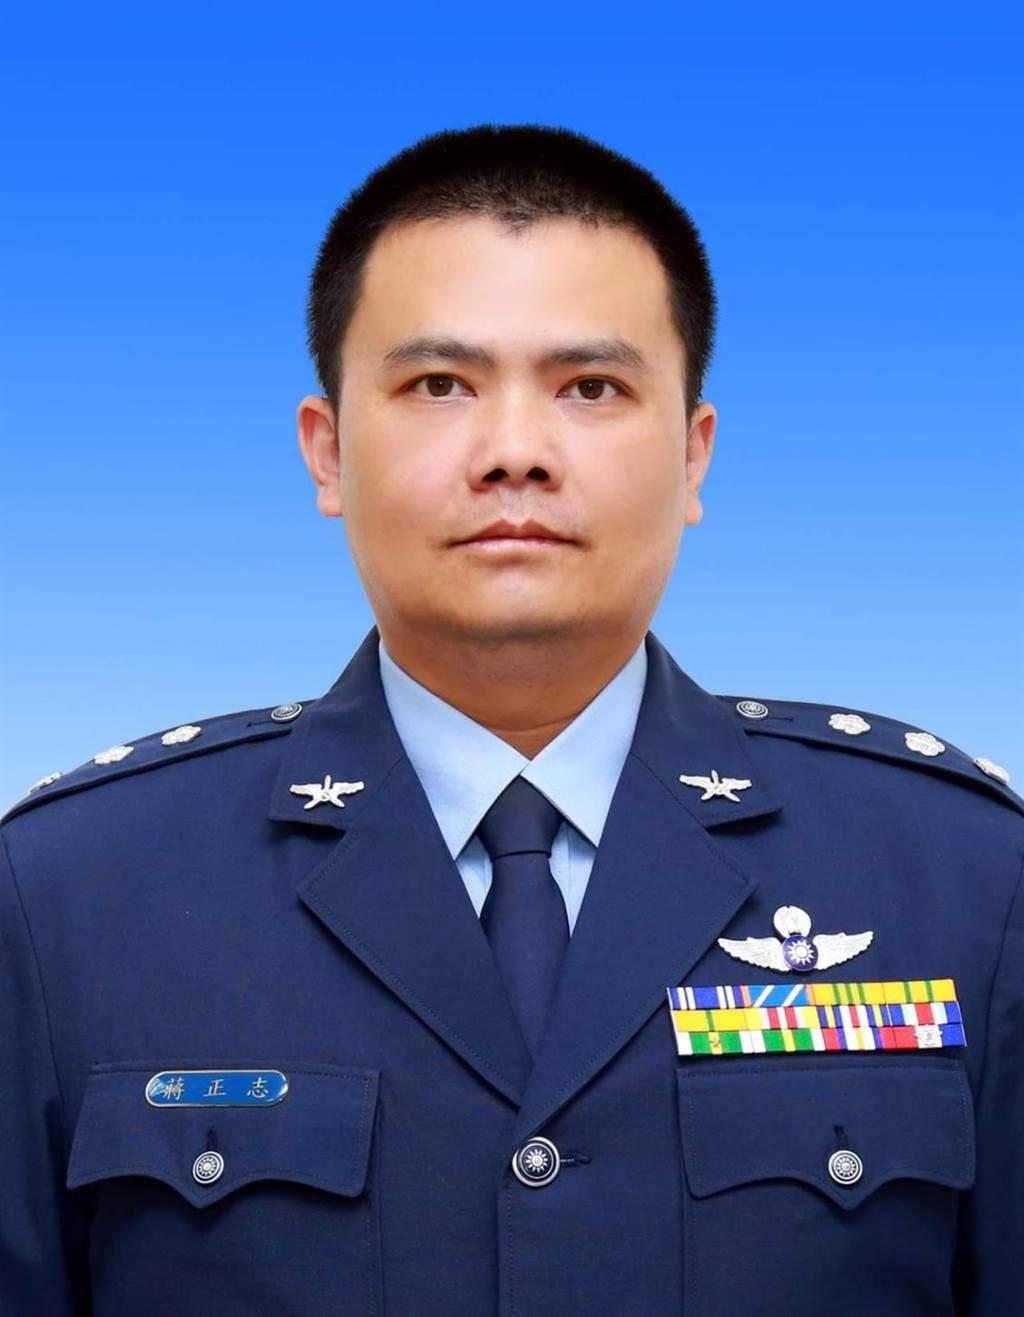 F-16失聯戰機上校飛行官蔣正志,今年45歲,嘉義水上人,已婚無子女(圖/國防部提供)